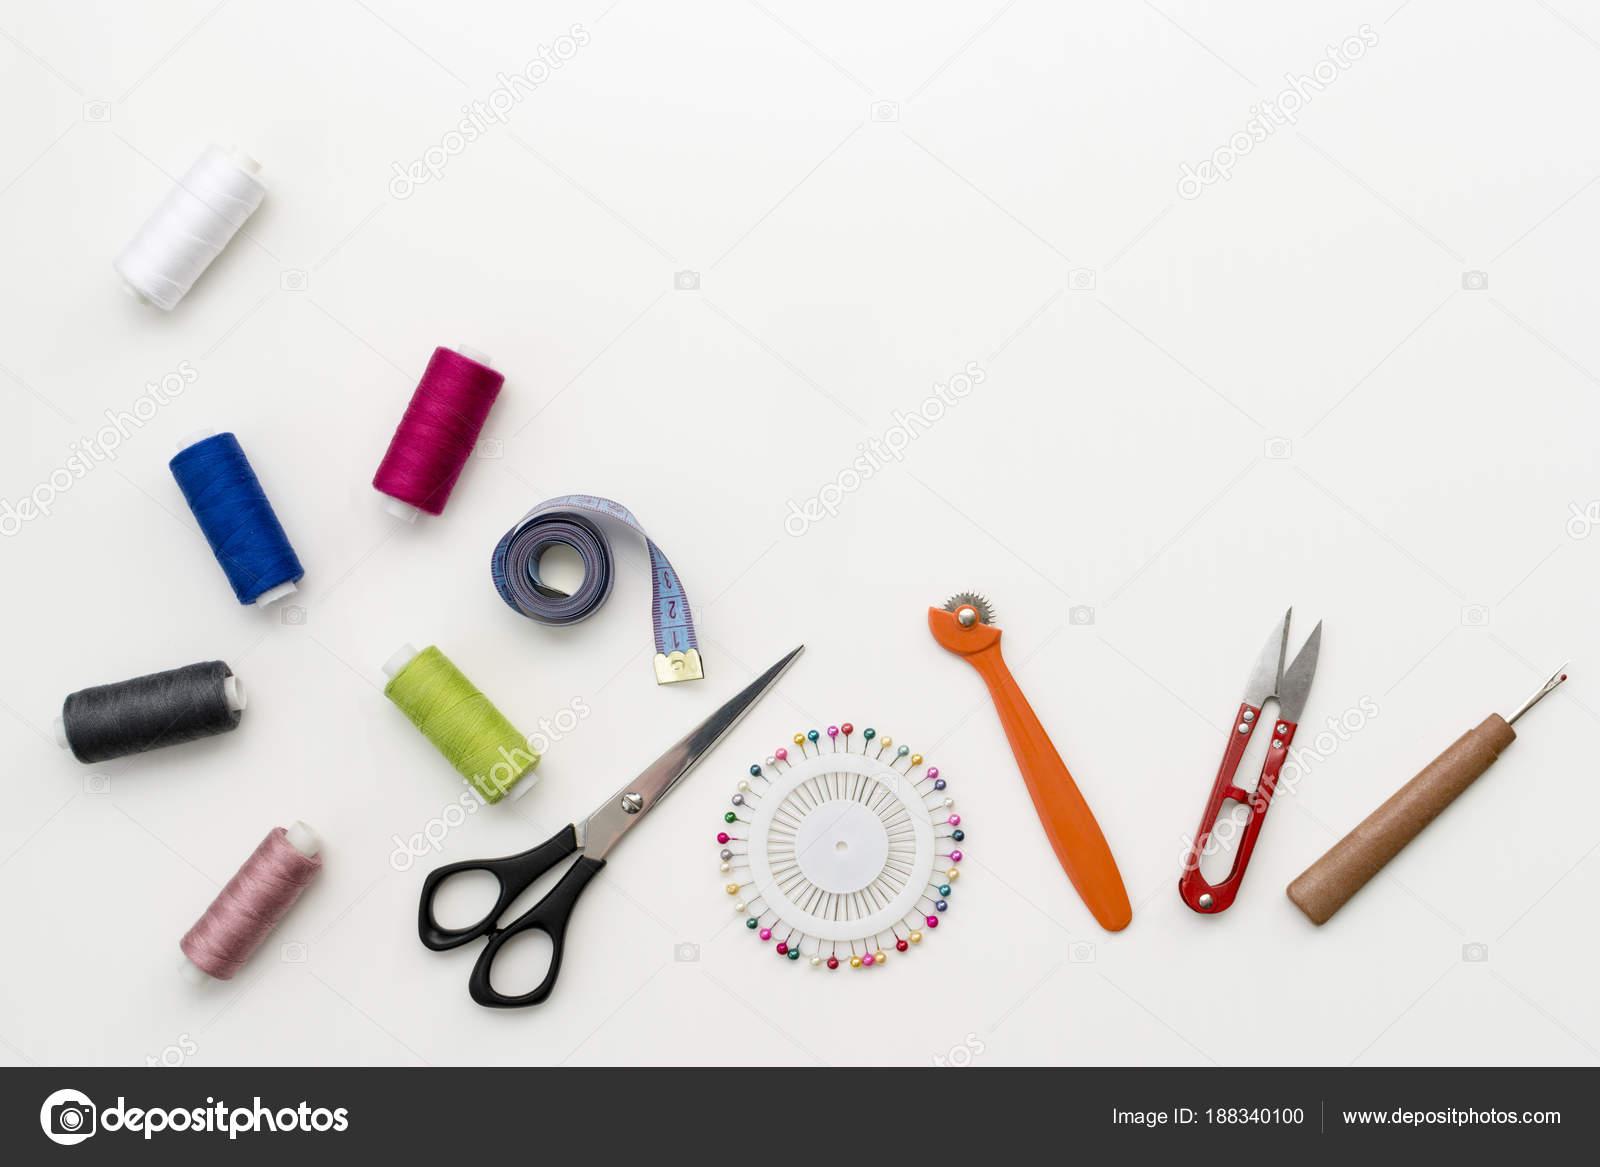 Schneider Schreibtisch. Muster von Nähzubehör und Tools auf weißem ...